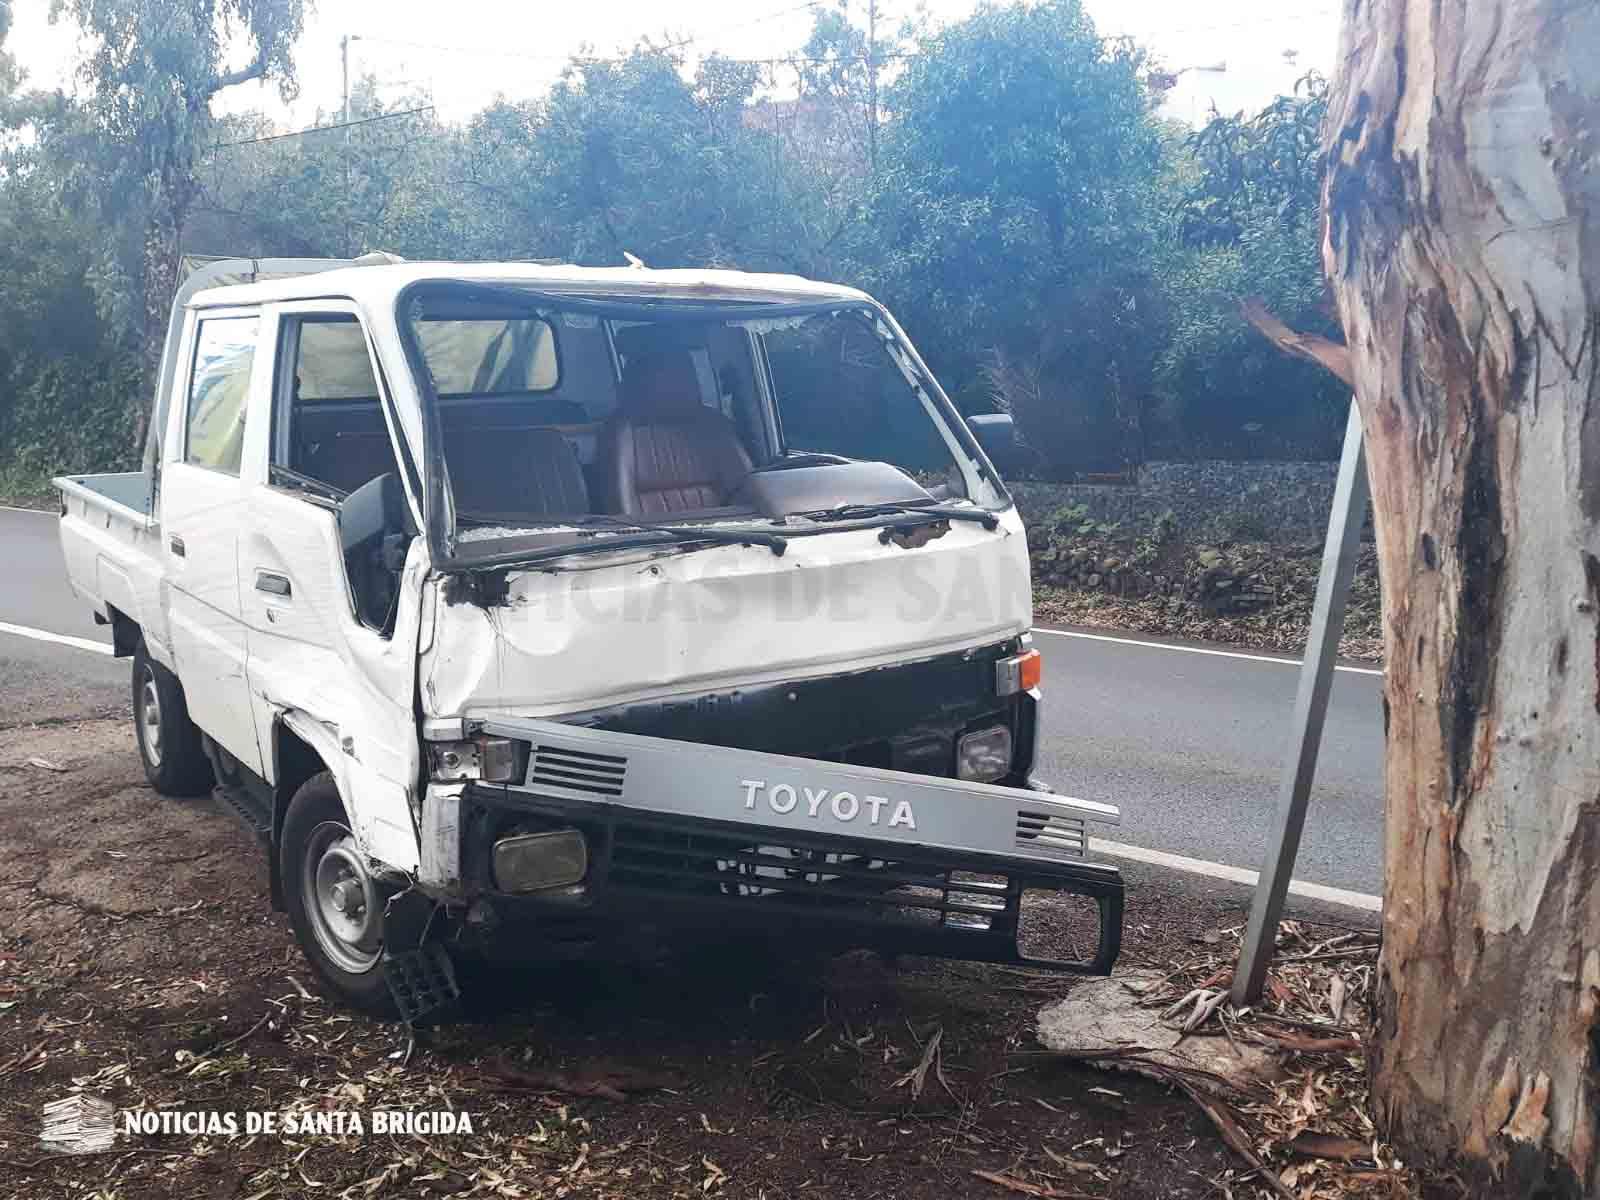 vehiculo accidente recta el paraiso 2 noviembre 2018